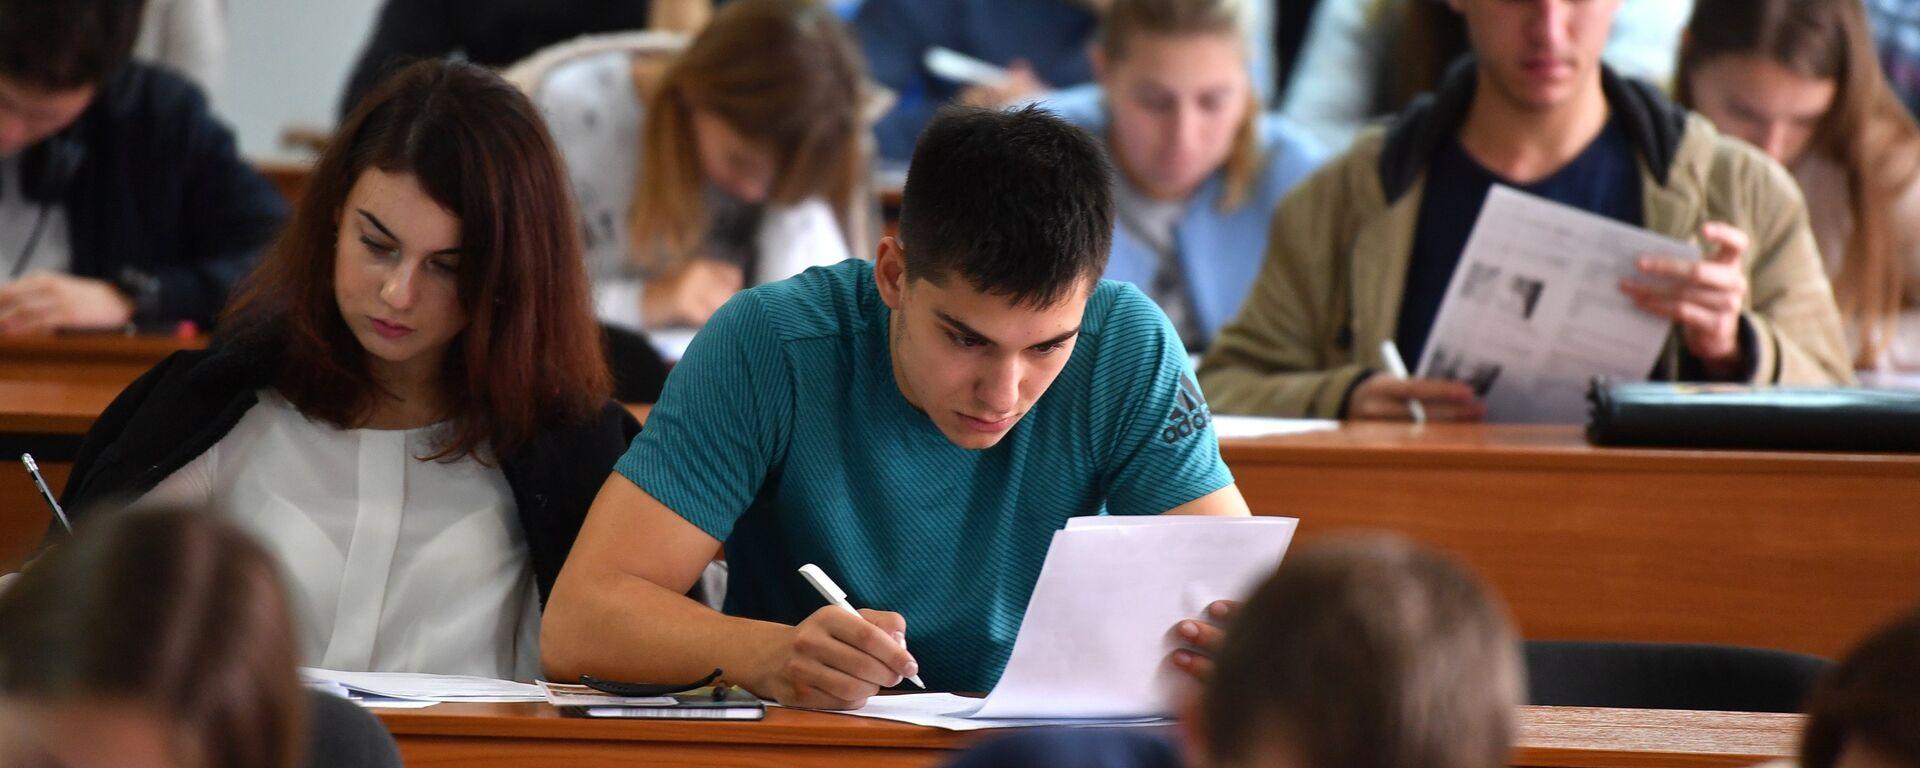 Студенты на лекции - Sputnik Латвия, 1920, 02.06.2021